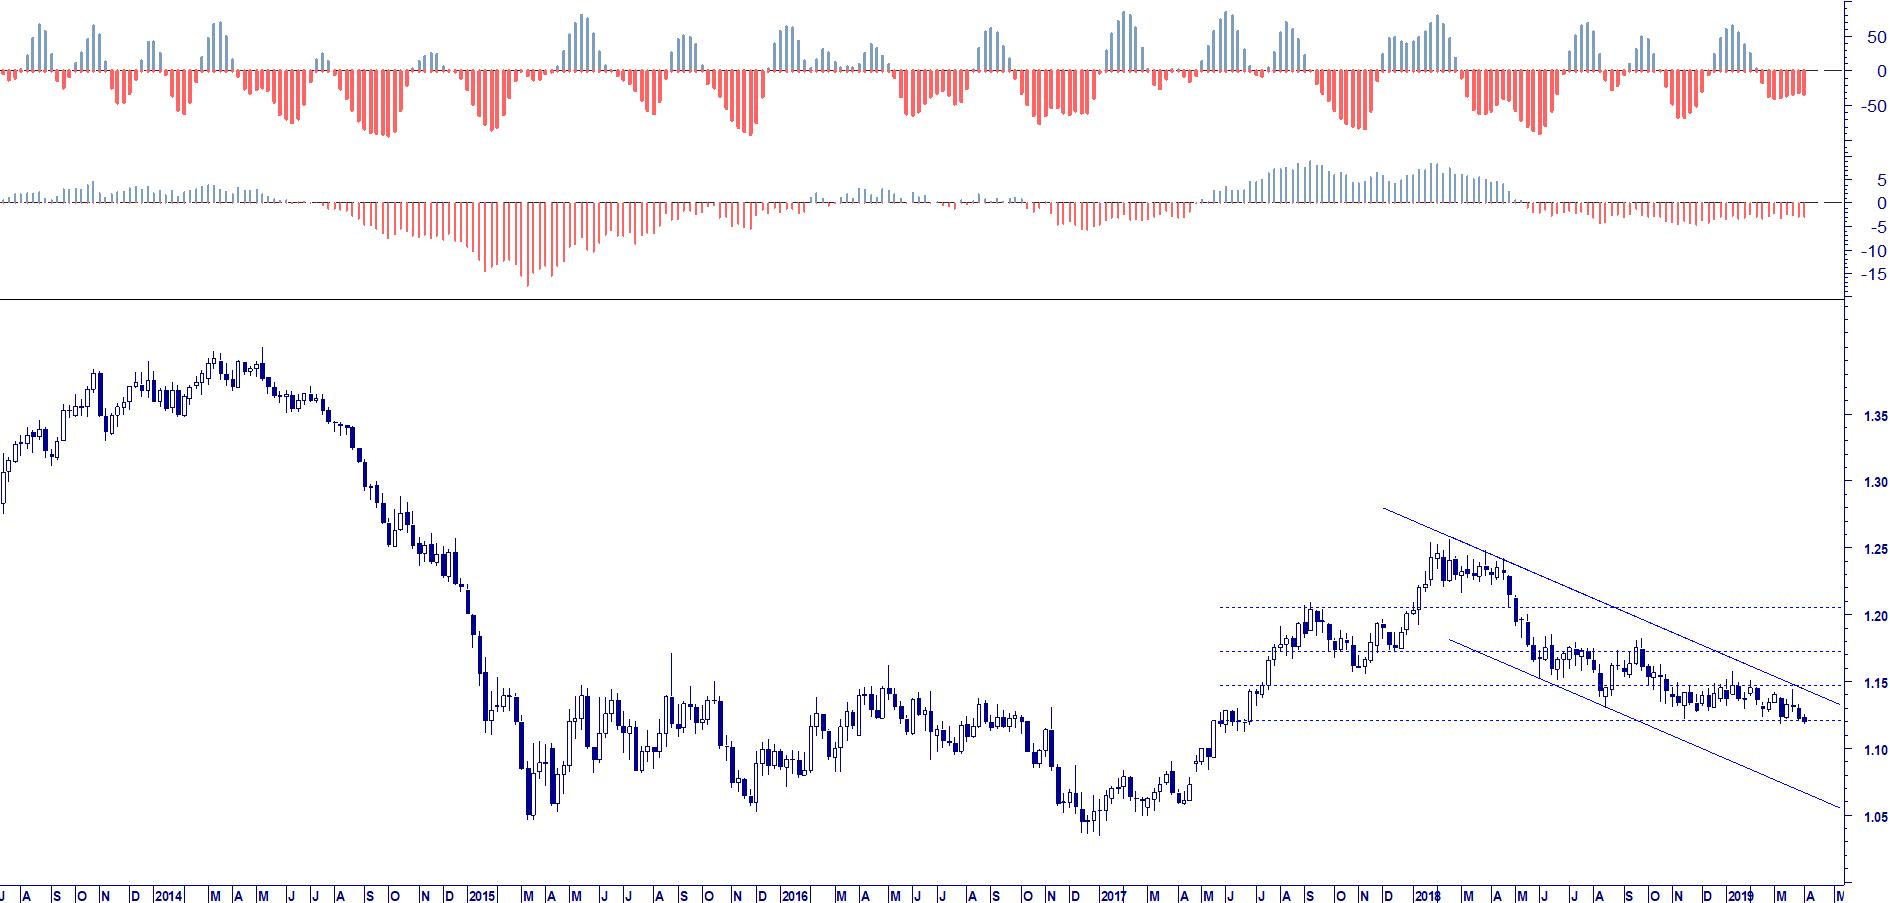 WB ENTERPRISE RISK MANAGEMENT: EUR USD ADVANCE CYCLE LOG